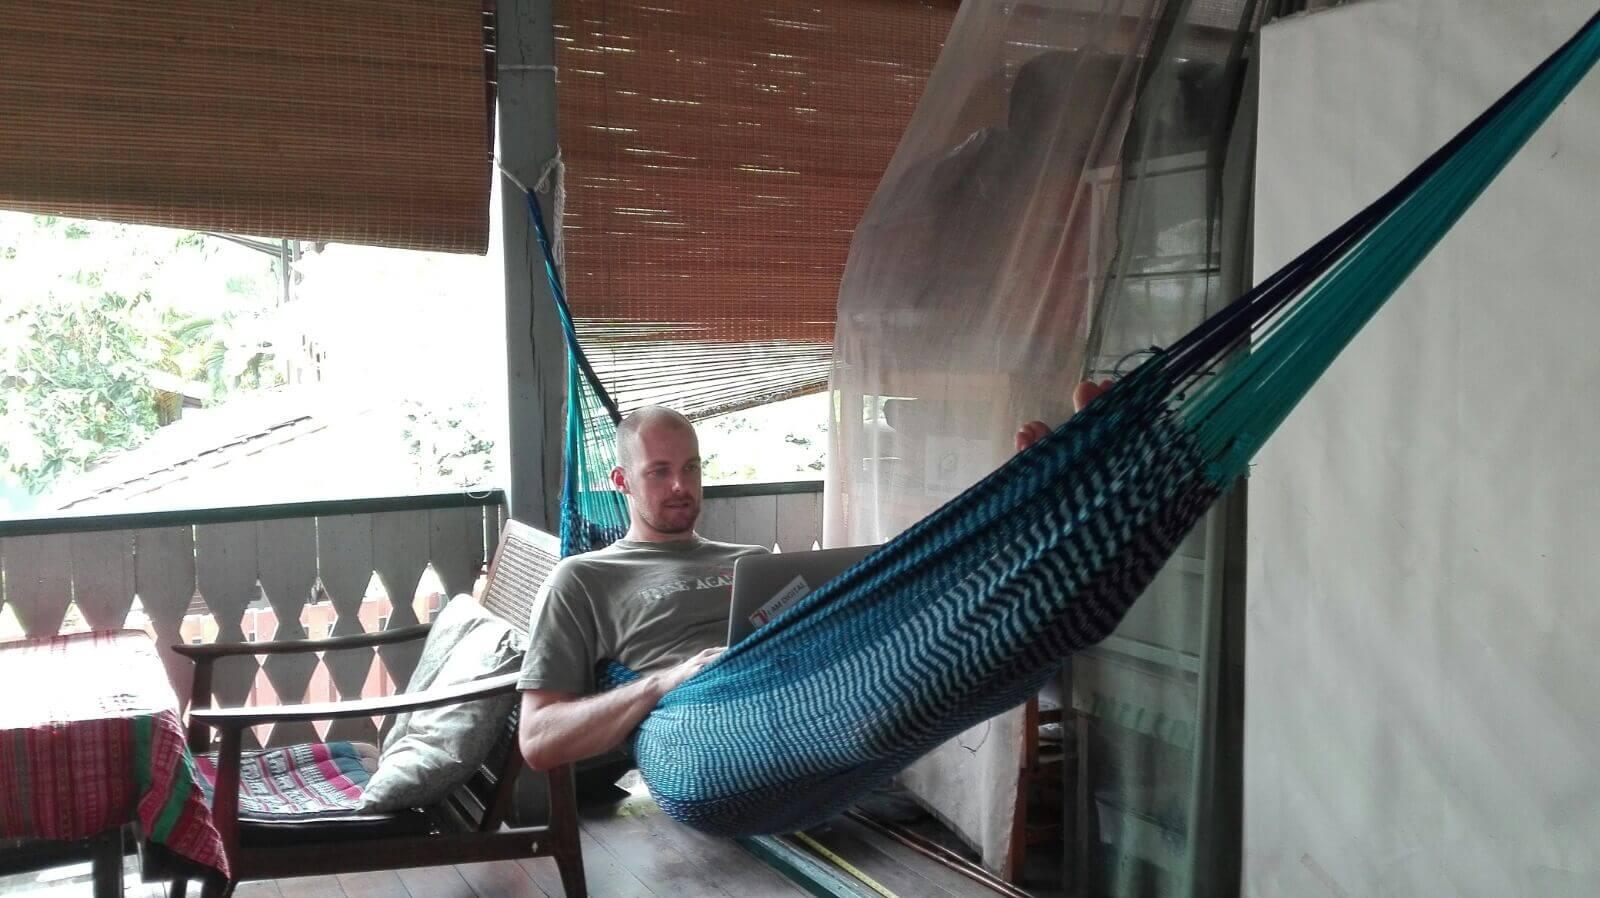 Arbeitet auf Reisen am Liebsten in seiner Unterkunft - Daniel Schöberl. Gemütlich darf es deshalb aber trotzdem sein...